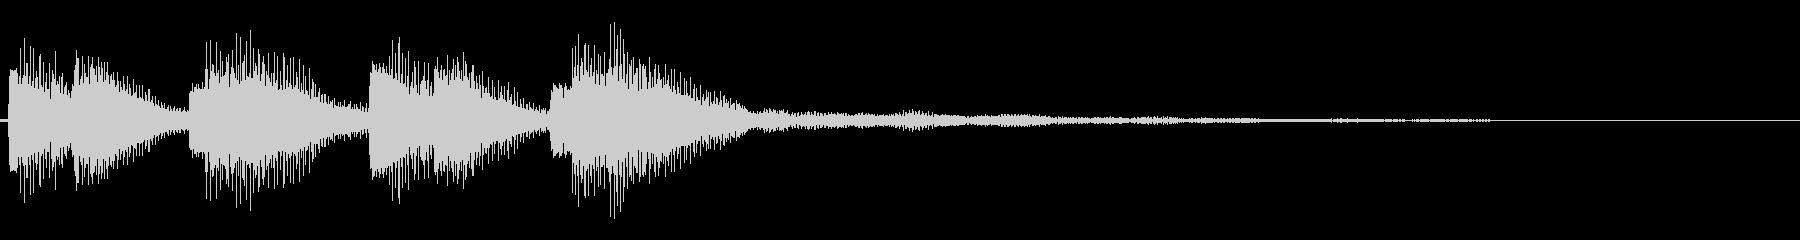 警告音(不協和音)の未再生の波形